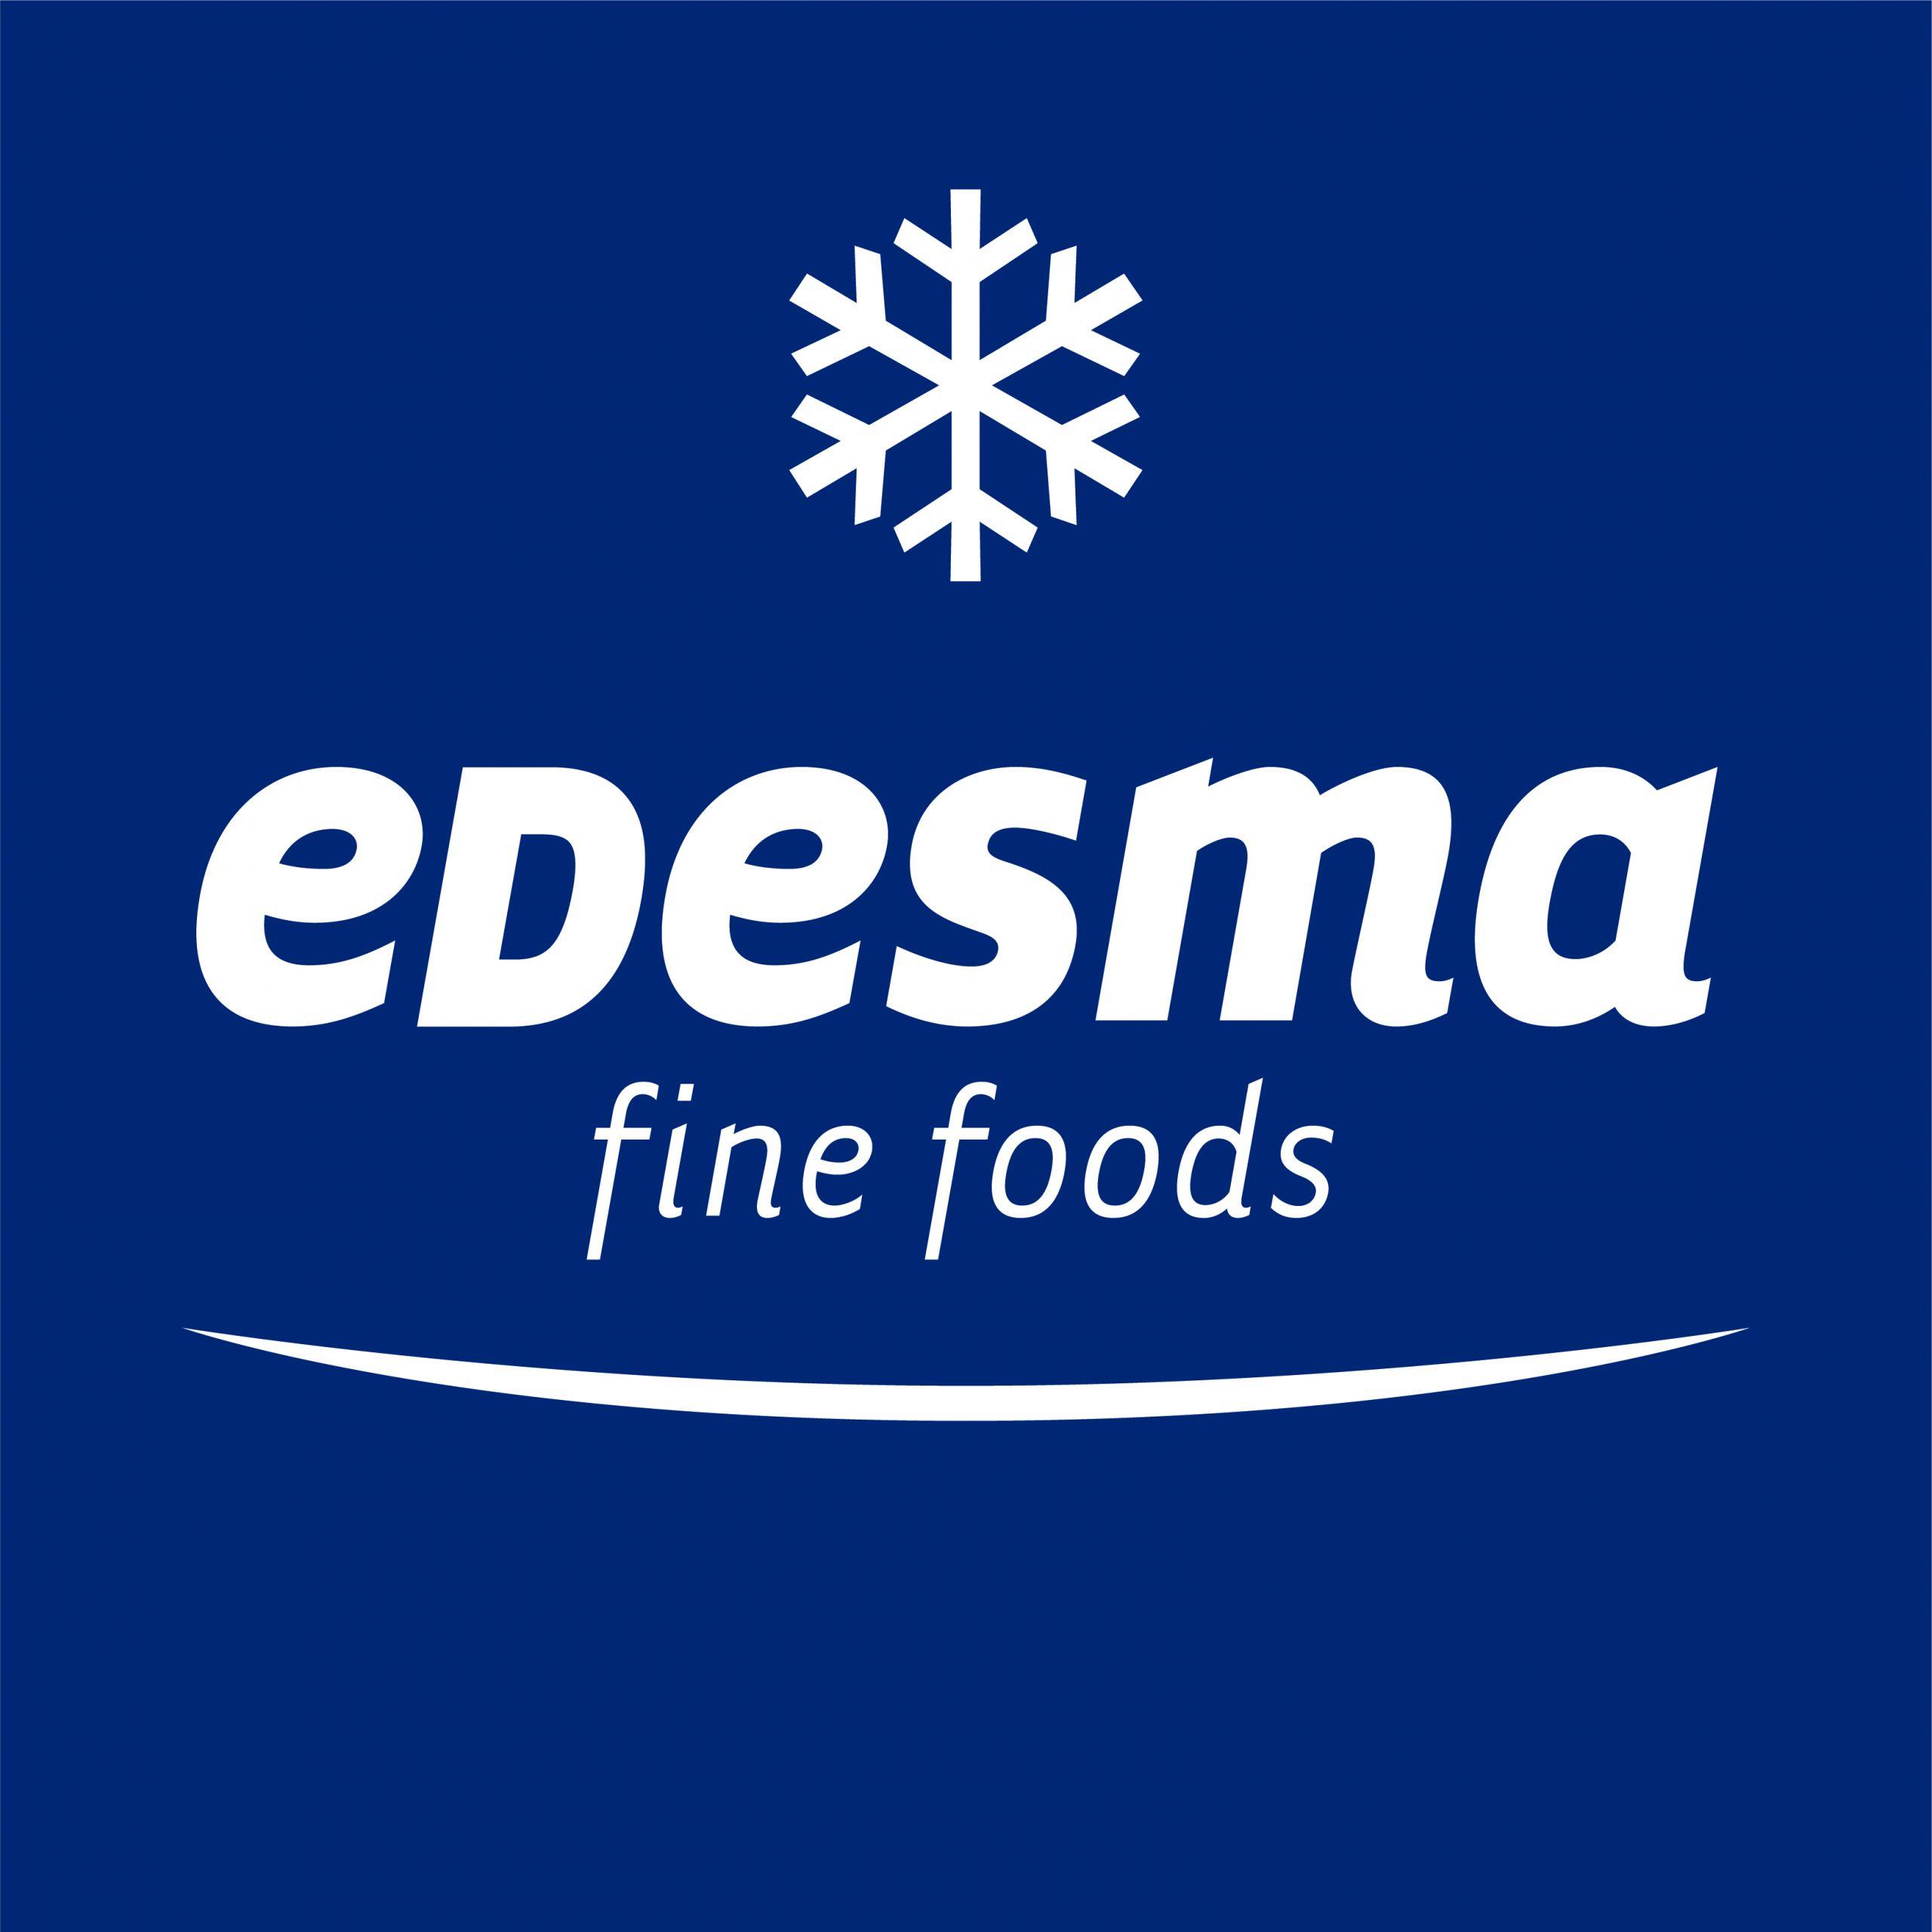 Edesma logo